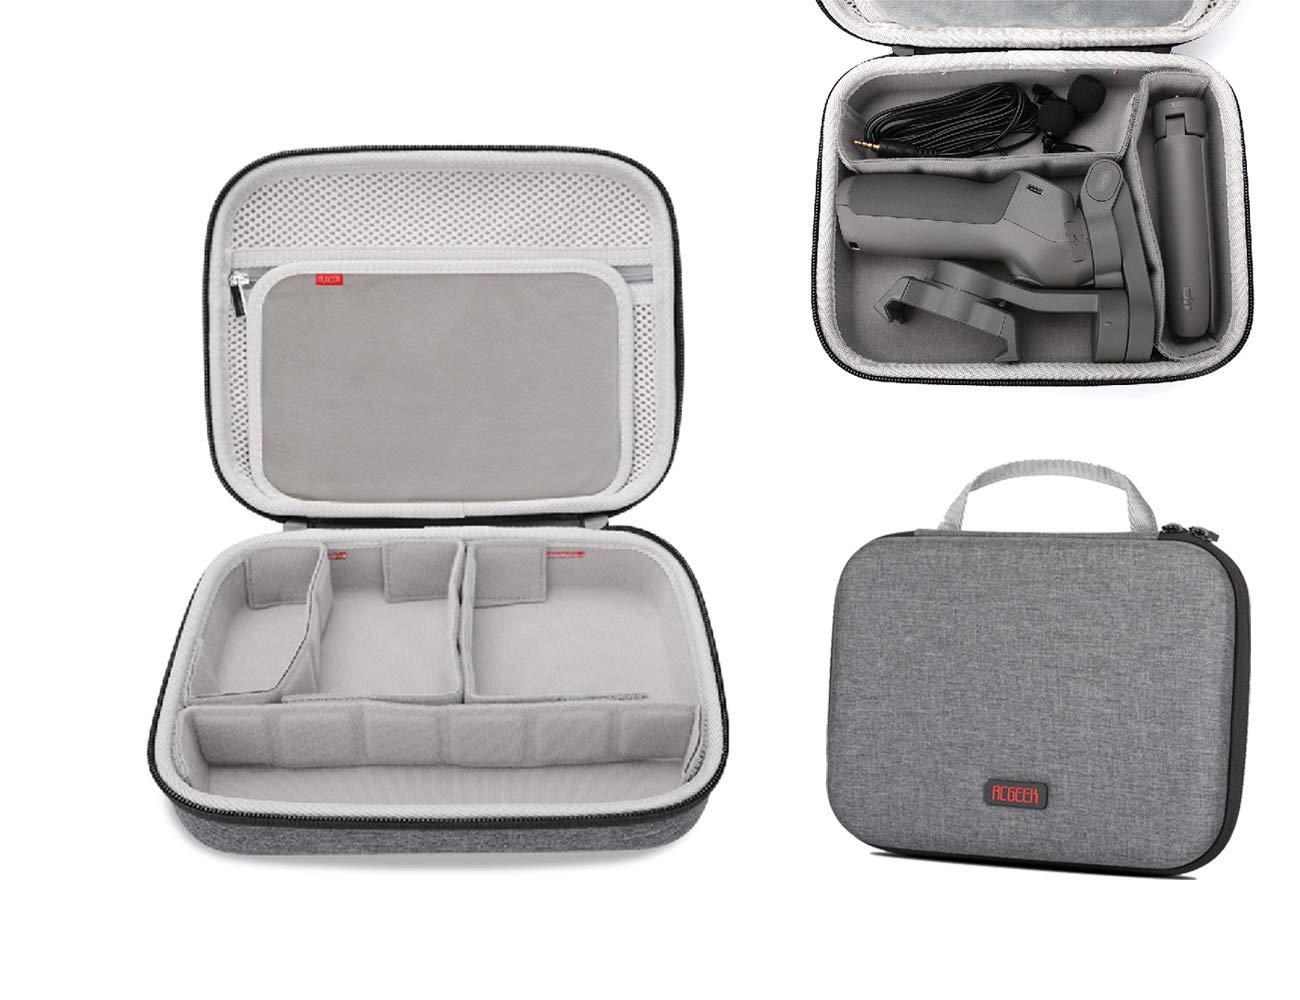 Tineer para OSMO Mobile 3 Estuche de Transporte tr/ípode Nylon Hand Bag Storage Box para dji OSMO Mobile 3 Handheld Gimbal tel/éfono Inteligente y m/ás Accesorios